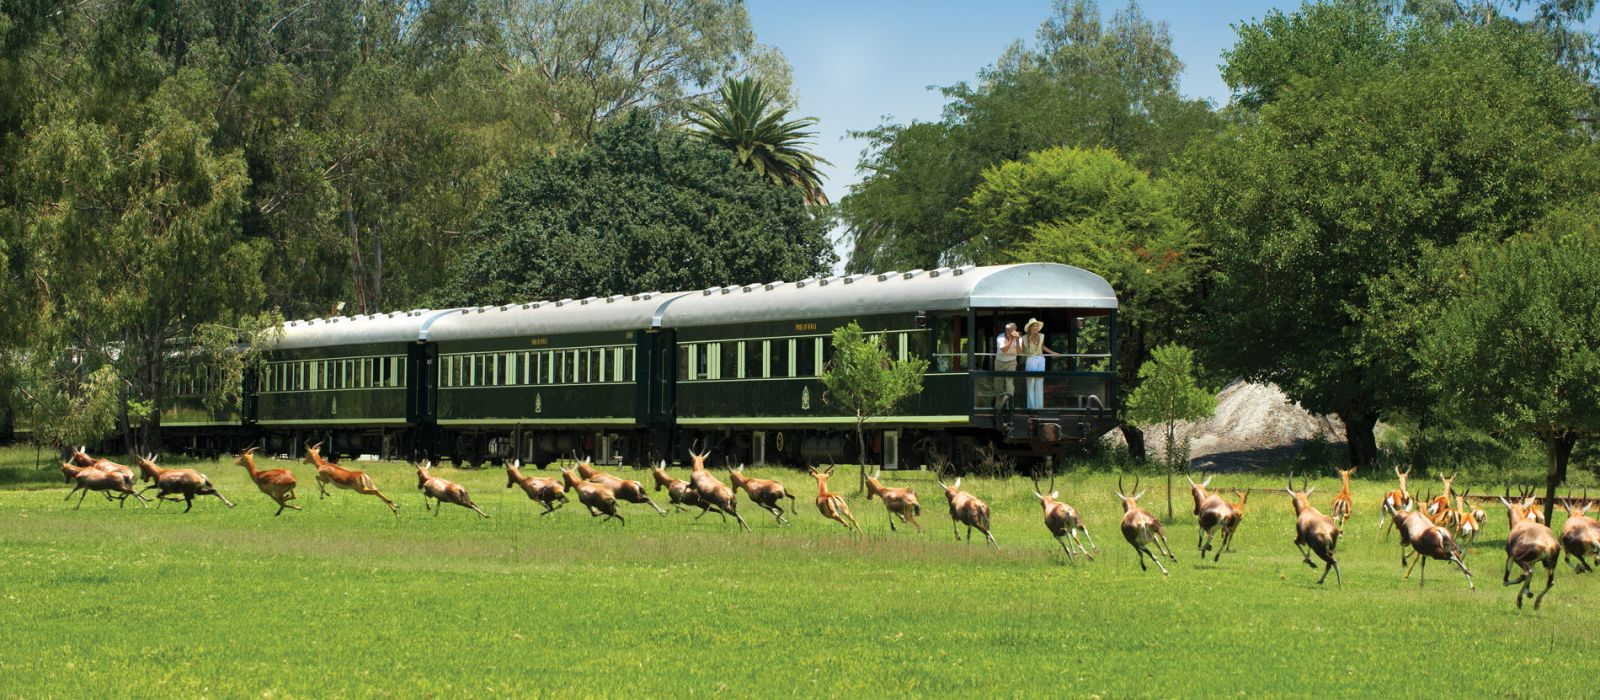 Hotel Rovos Rail: Cape Town – Pretoria South Africa